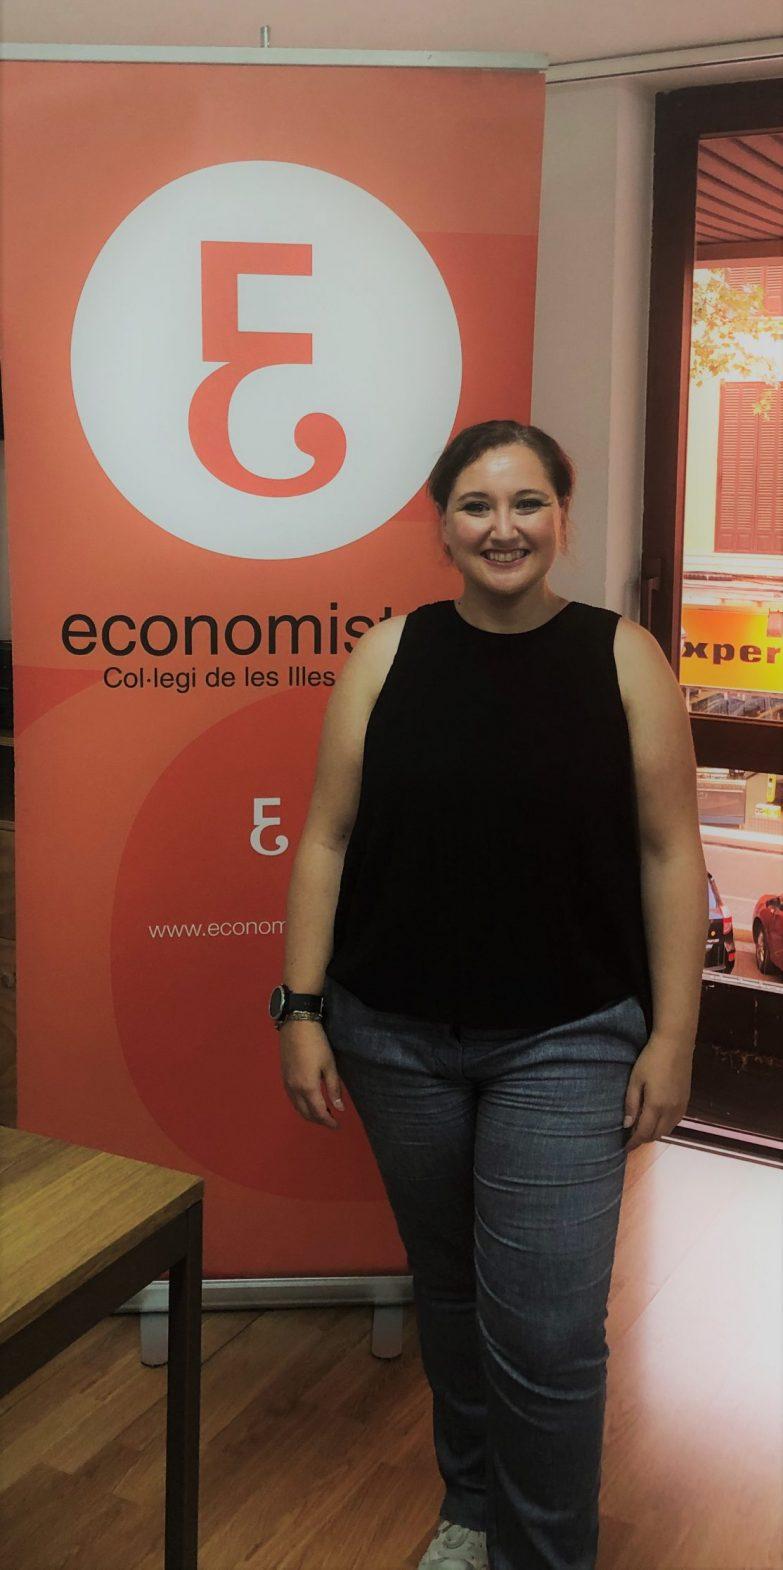 conferencia_tecnologica_economistas